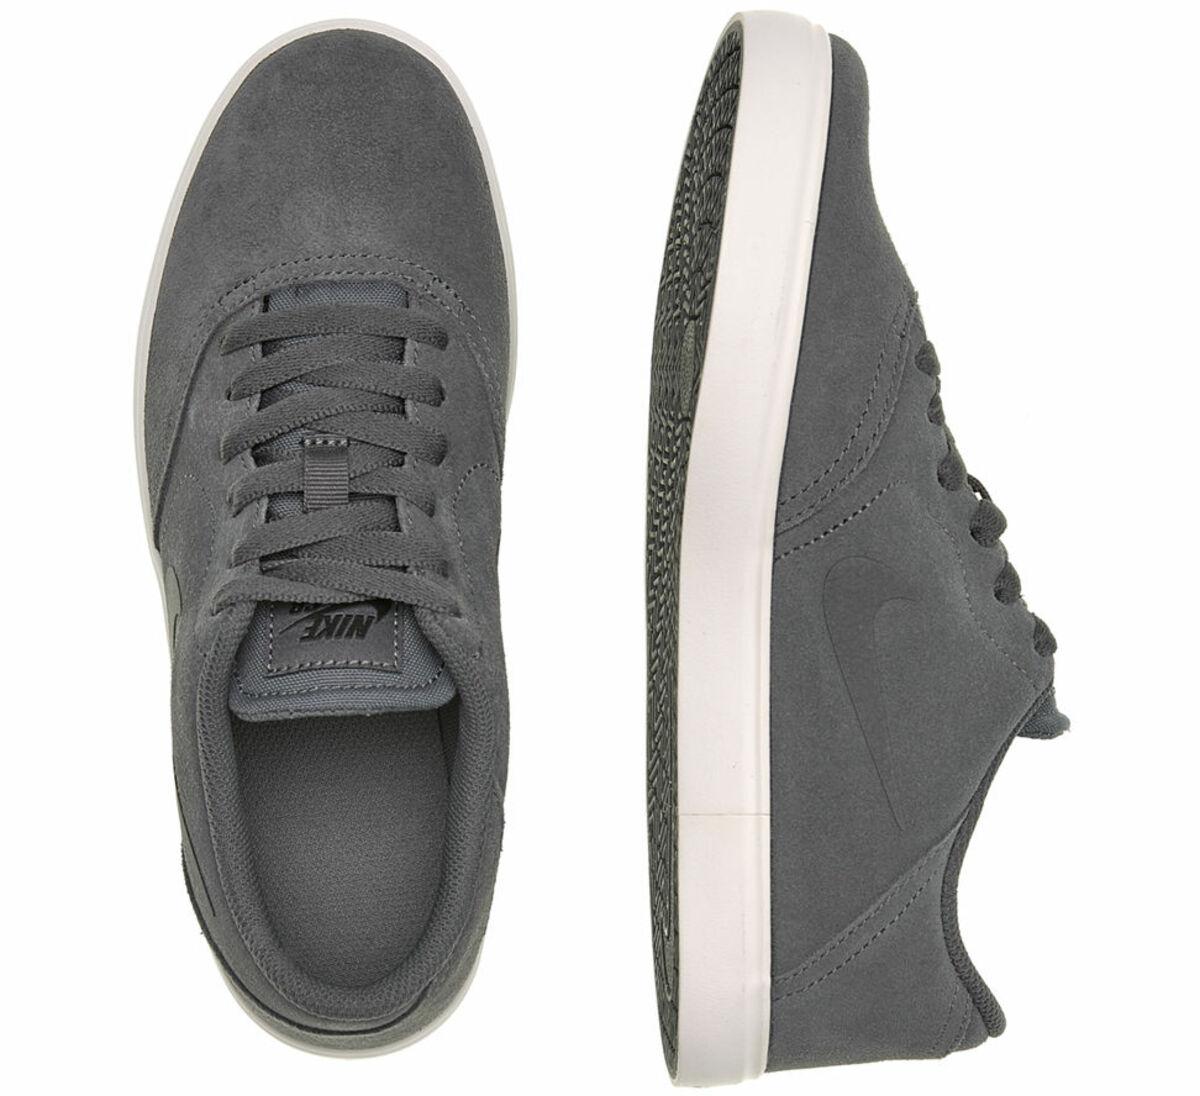 Bild 2 von NIKE Sneaker - GS NIKE SB CHECK SUEDE